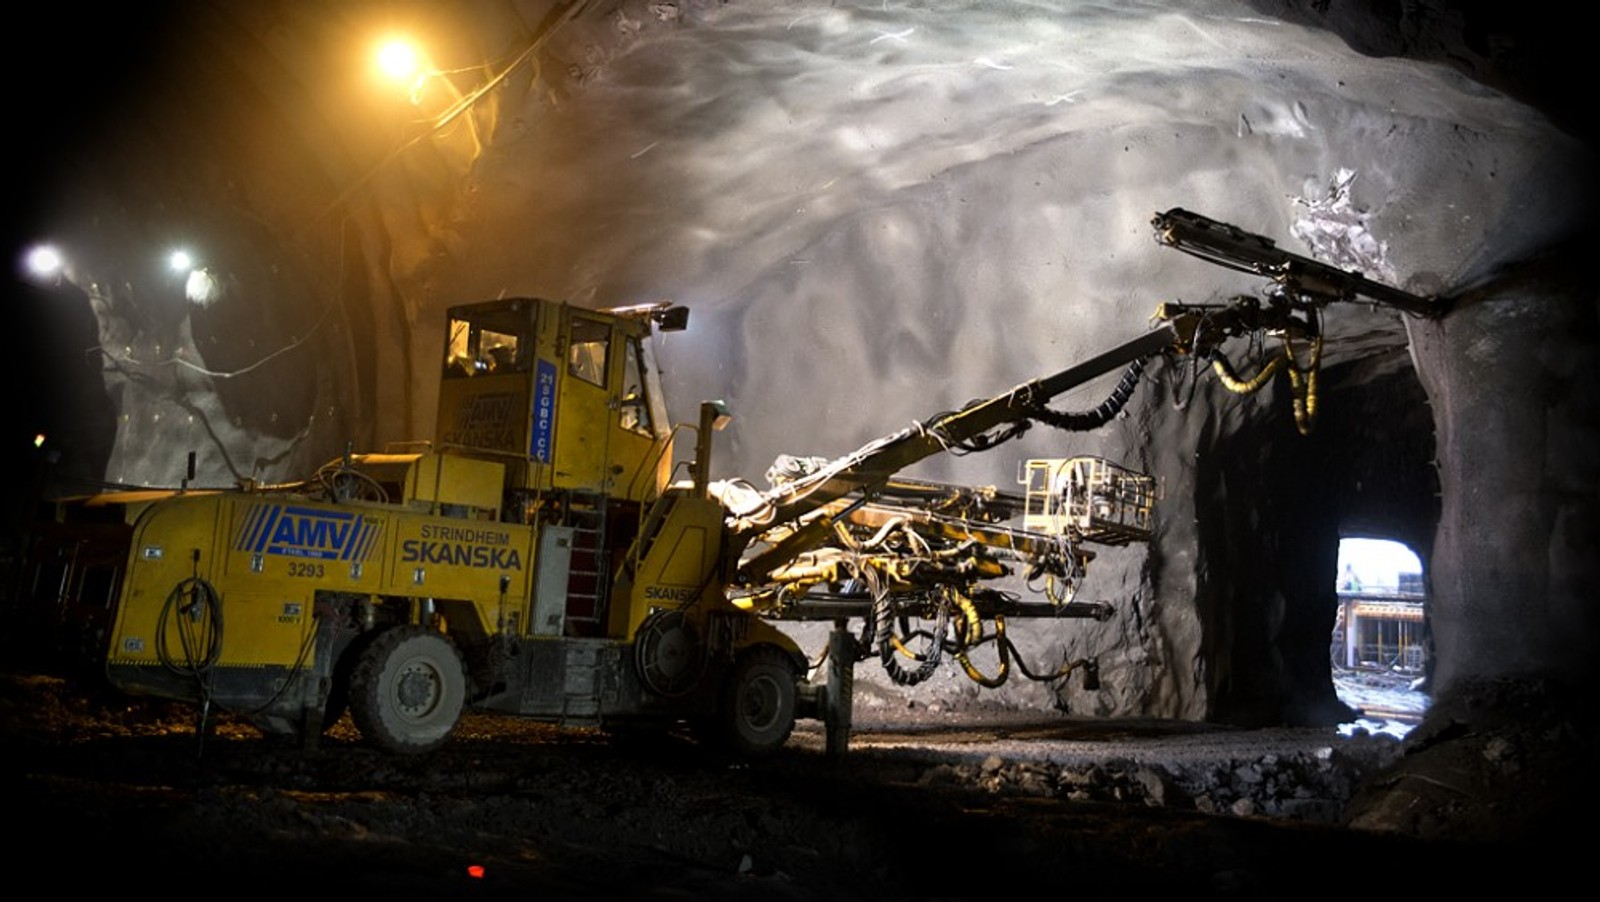 12 av 14 kilometer dobbeltspor mellom Holm og Nykirke på Vestfoldbanen går i tunnel. Tunnelen skal være ferdig høsten 2016. (arkivbilde) Foto: Anne Mette Storvik/Jernbaneverket